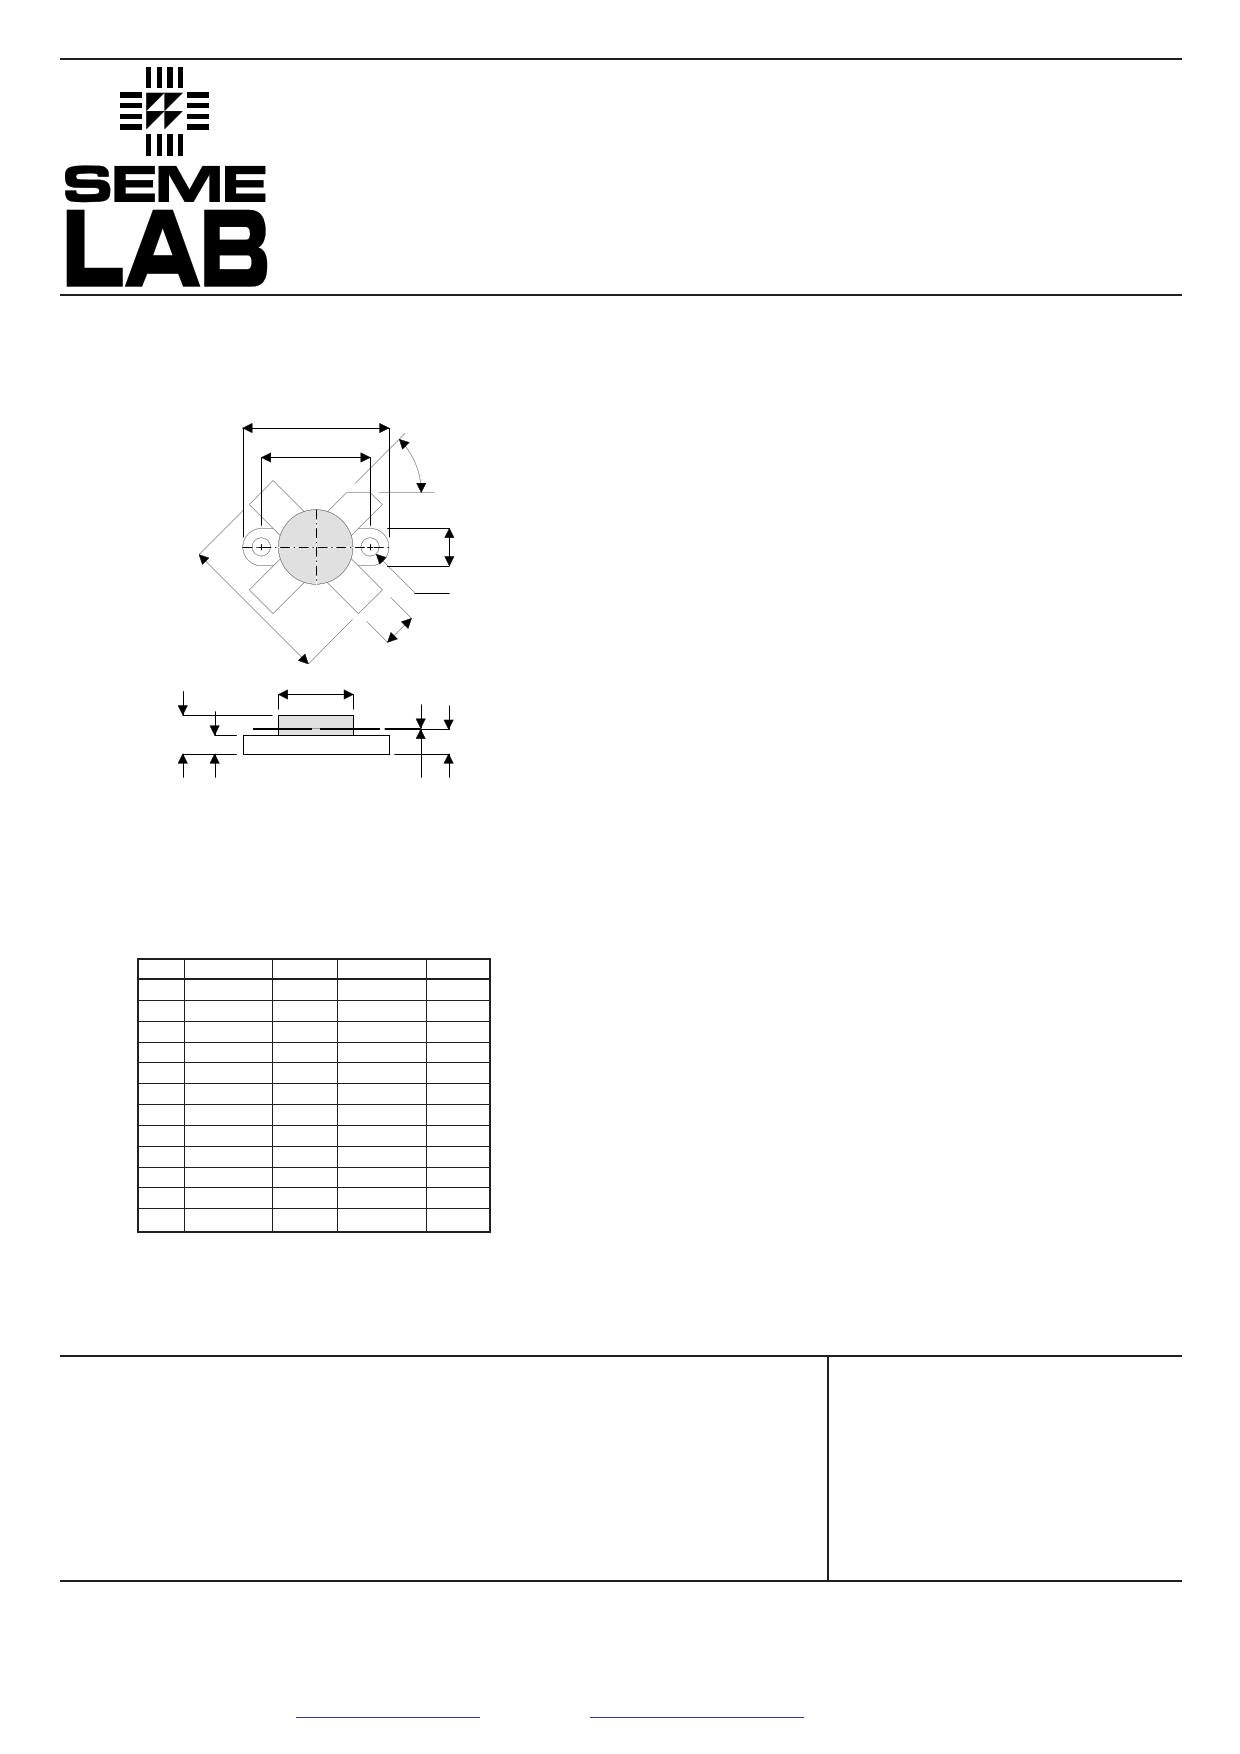 D1005 datasheet